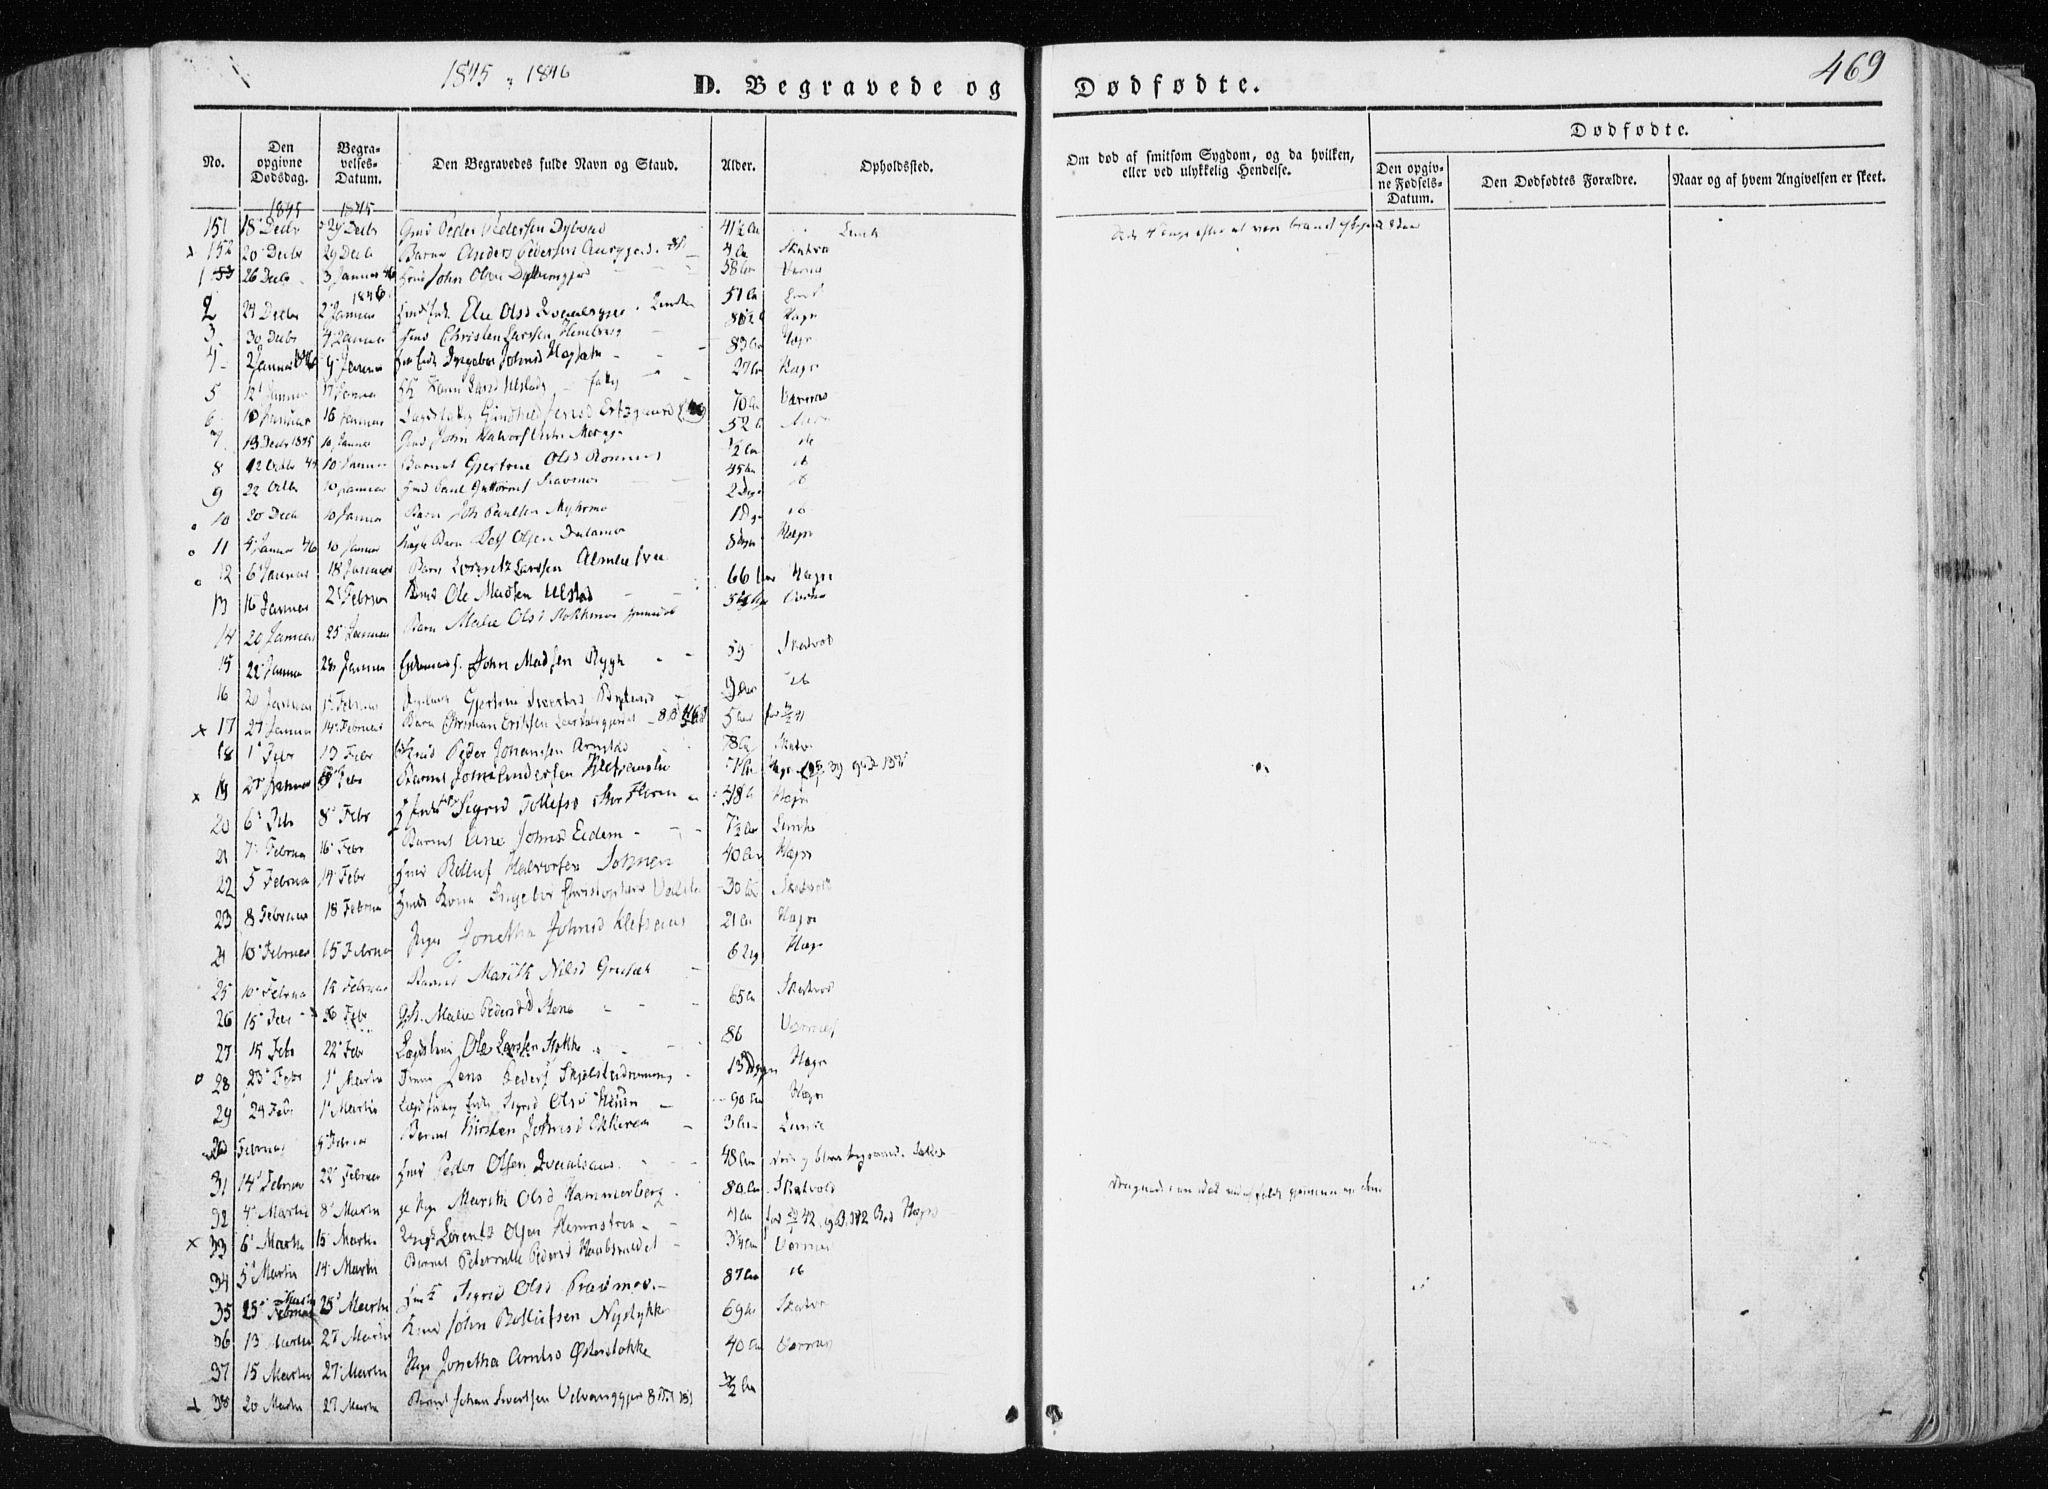 SAT, Ministerialprotokoller, klokkerbøker og fødselsregistre - Nord-Trøndelag, 709/L0074: Ministerialbok nr. 709A14, 1845-1858, s. 469